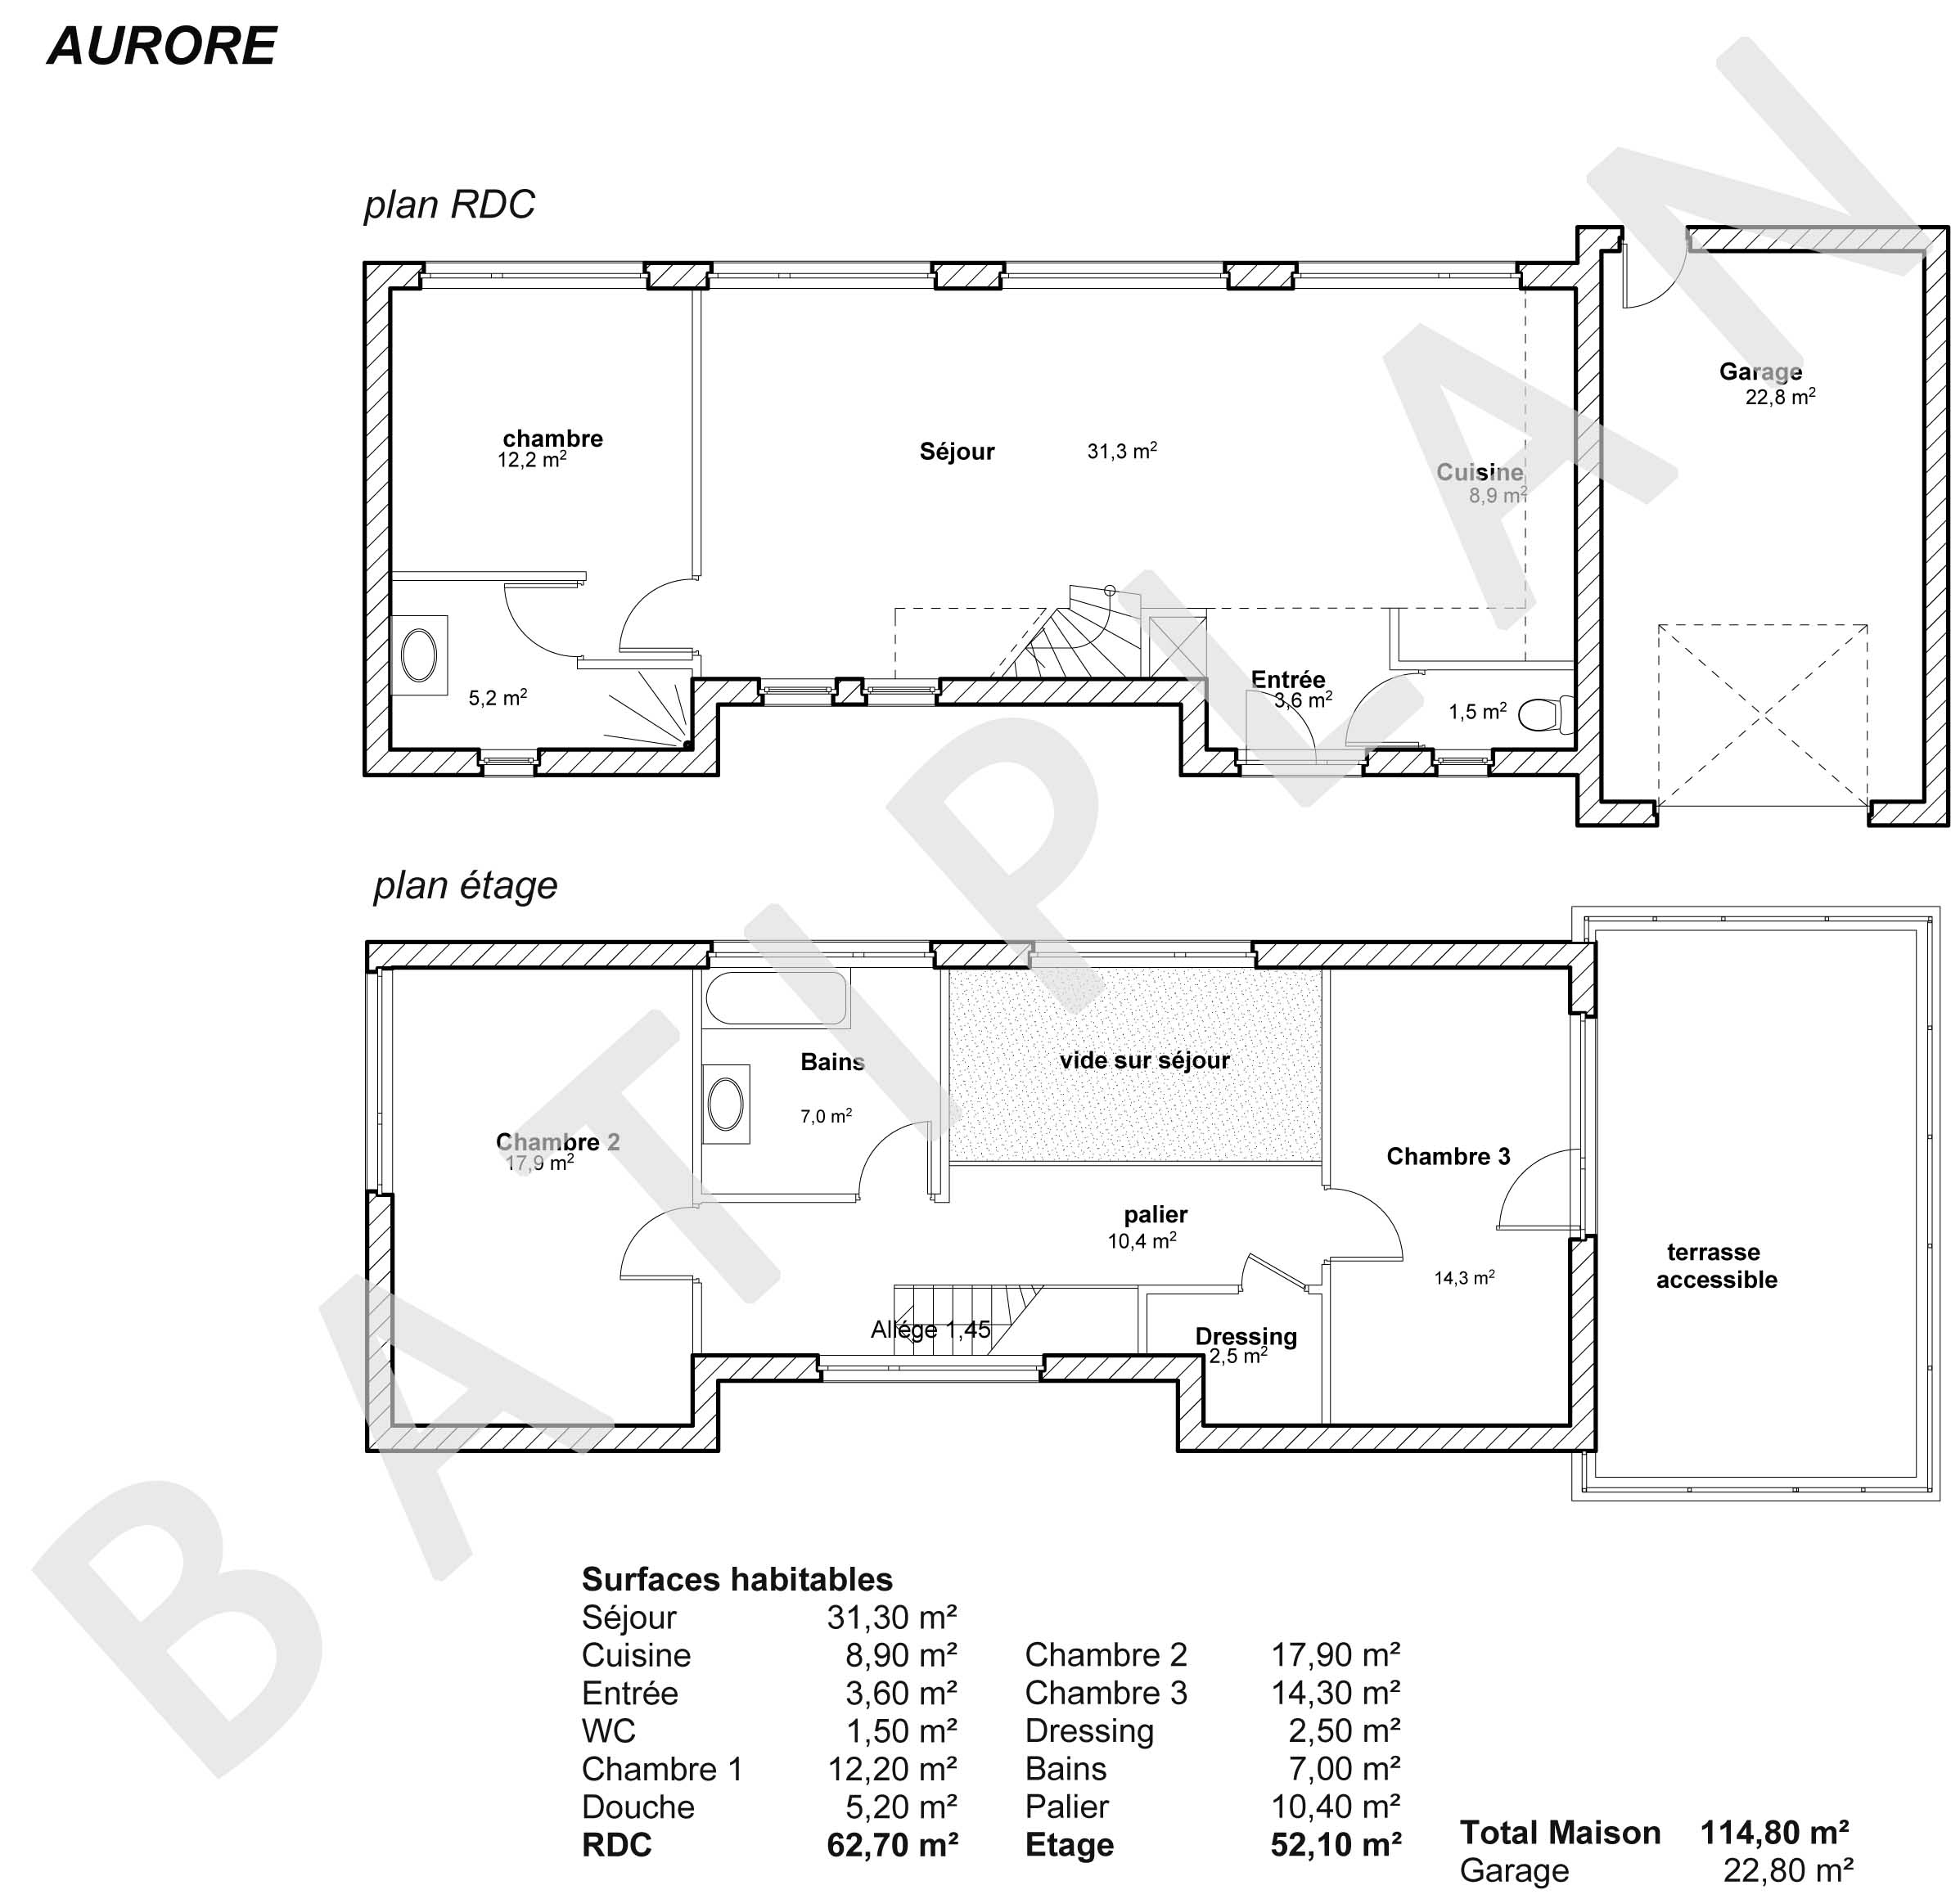 Plans et permis de construire notre plan de maison aurore for Construire plan de maison